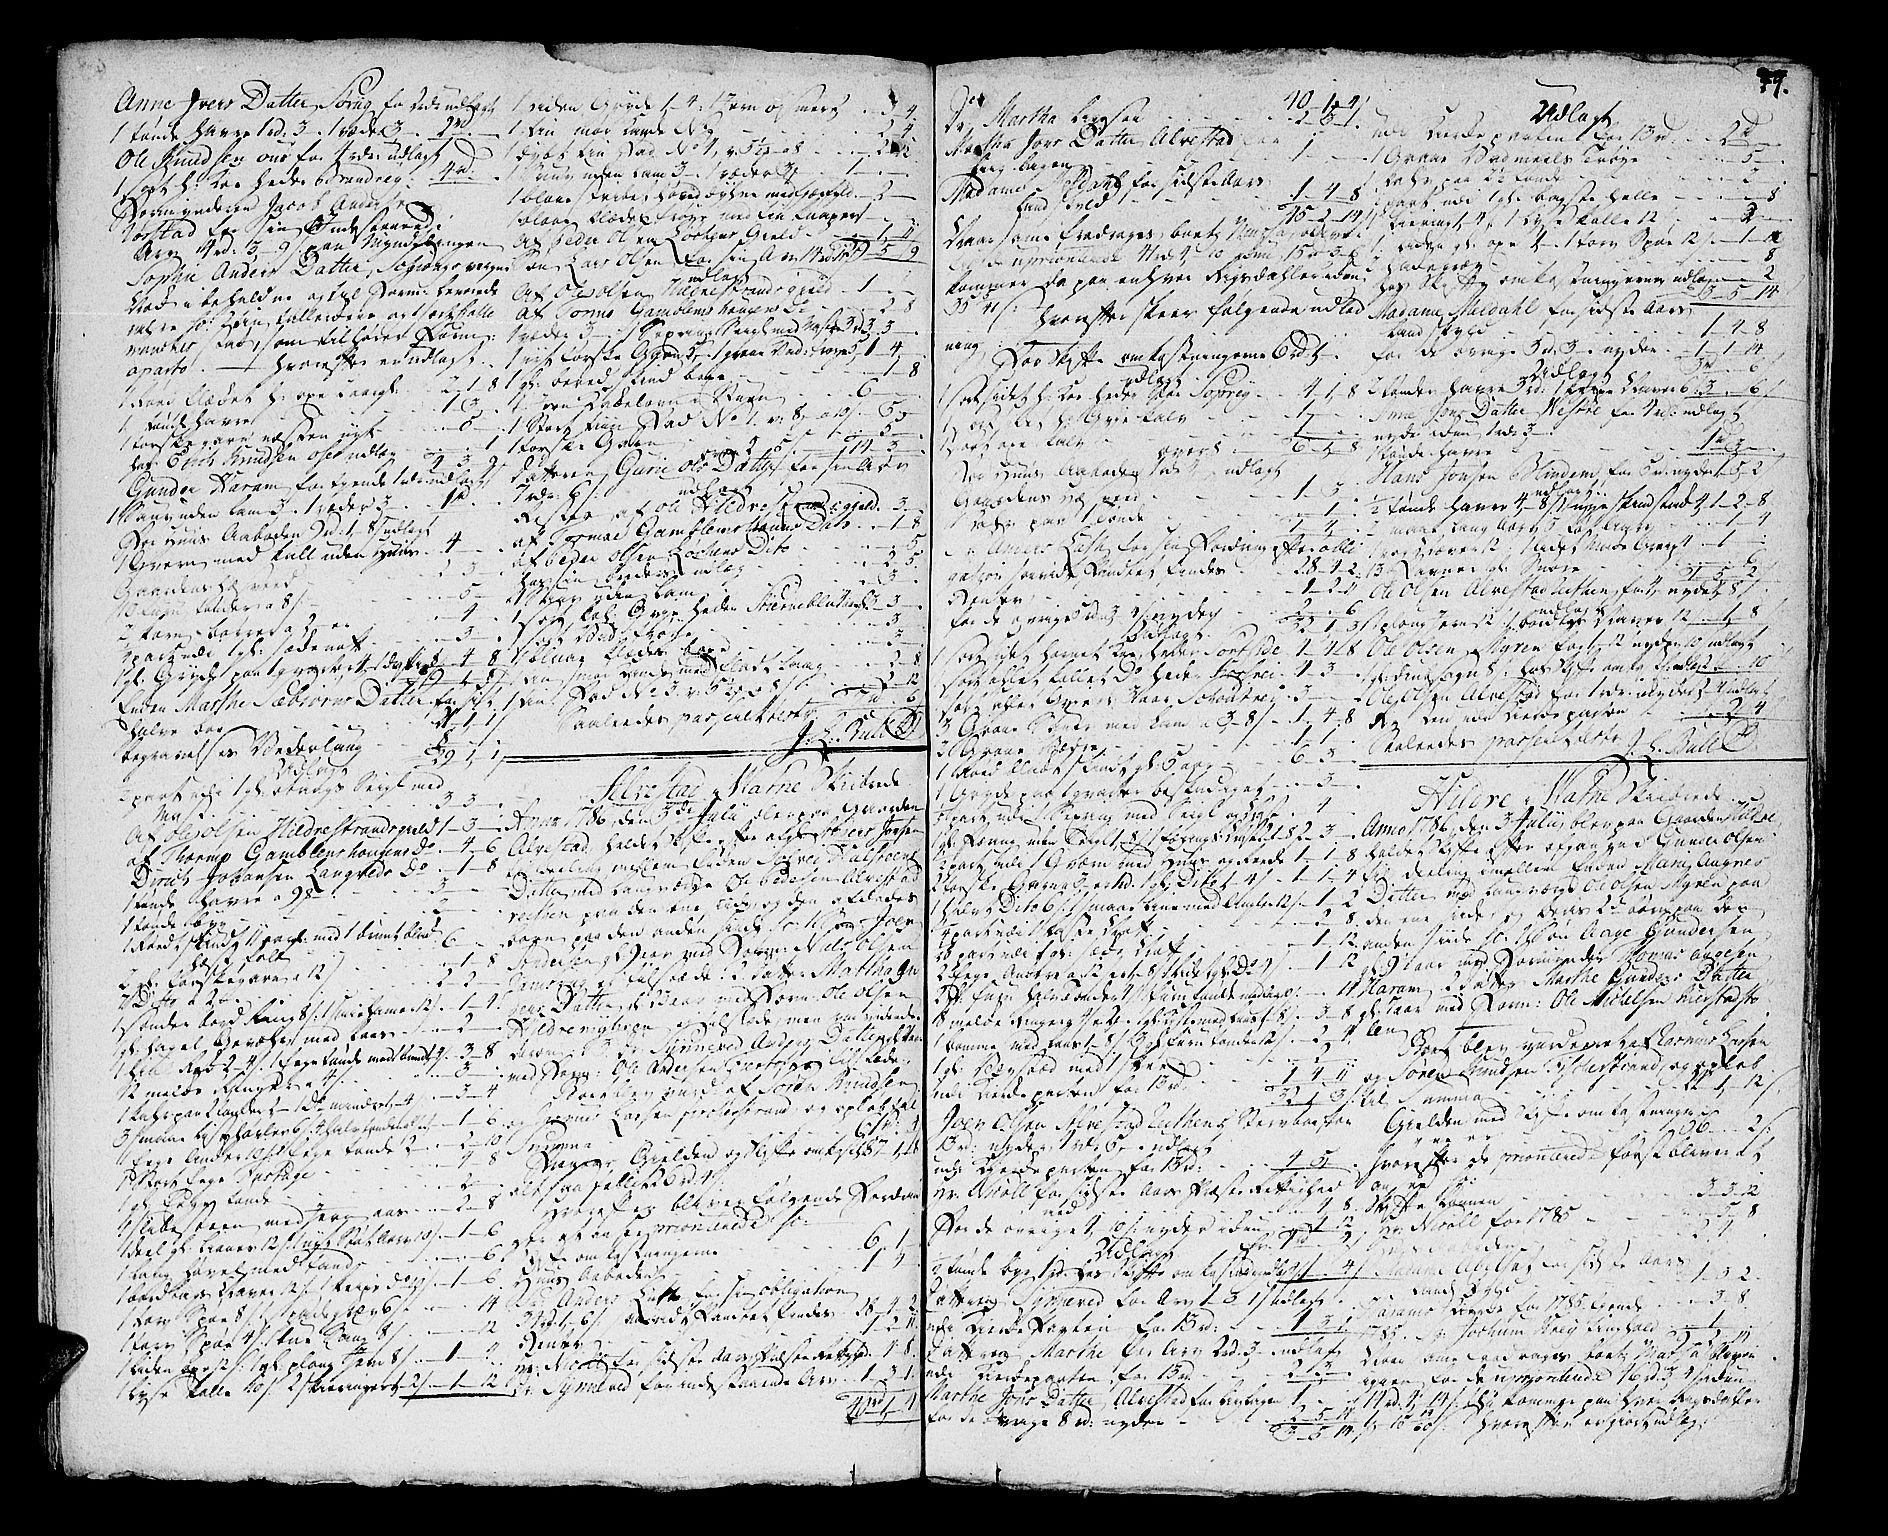 SAT, Sunnmøre sorenskriveri, 3/3A/L0028: Skifteprotokoll 19, 1785-1788, s. 48b-49a